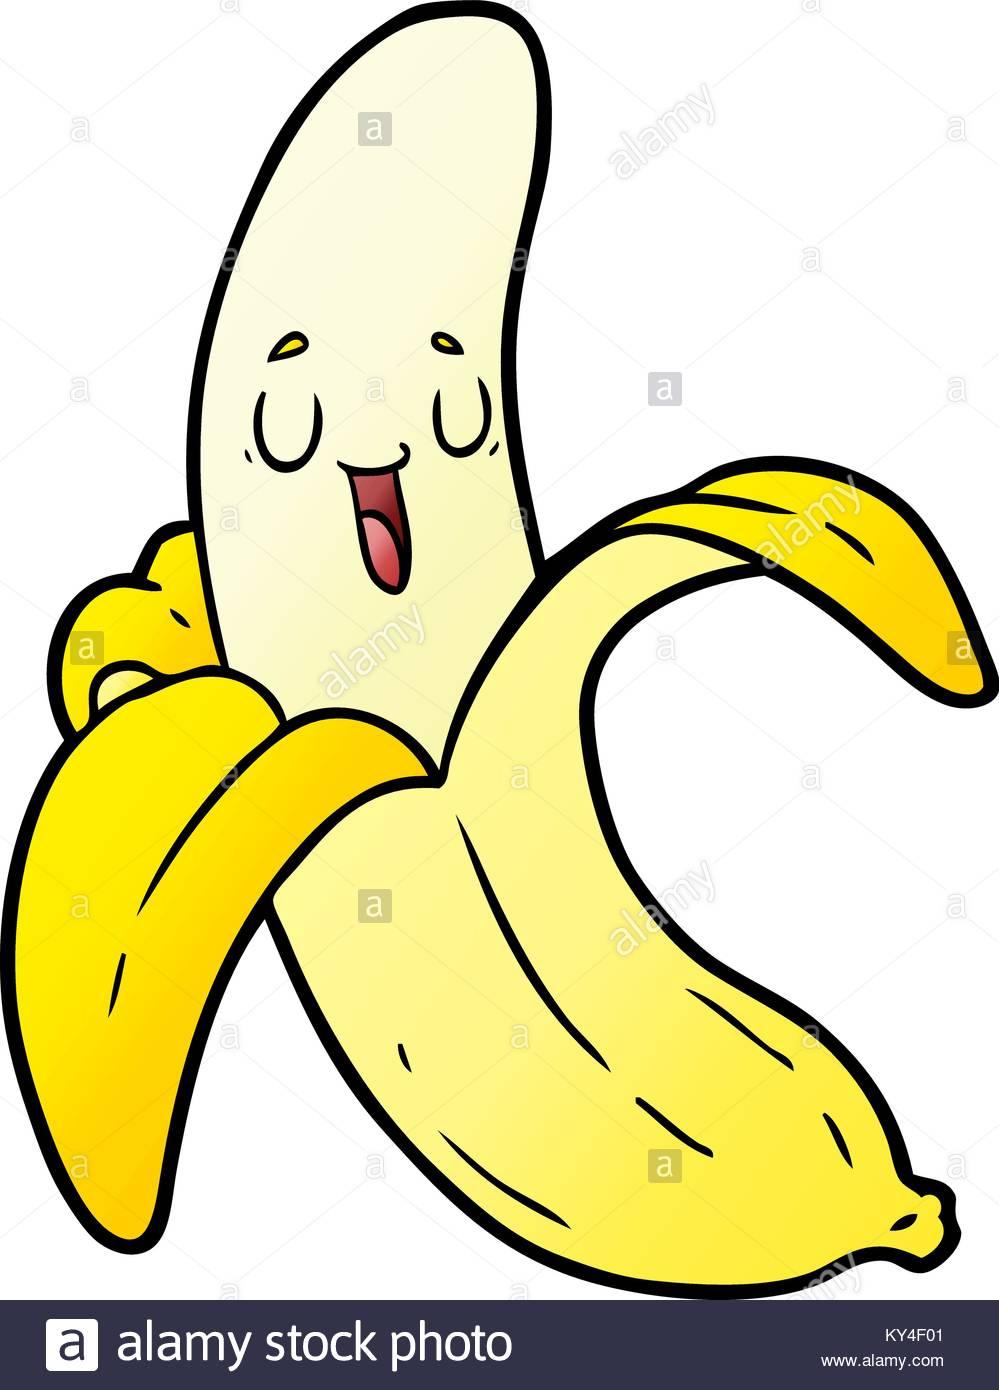 Banane De Dessin Animé Vecteurs Et Illustration, Image pour Dessiner Une Banane